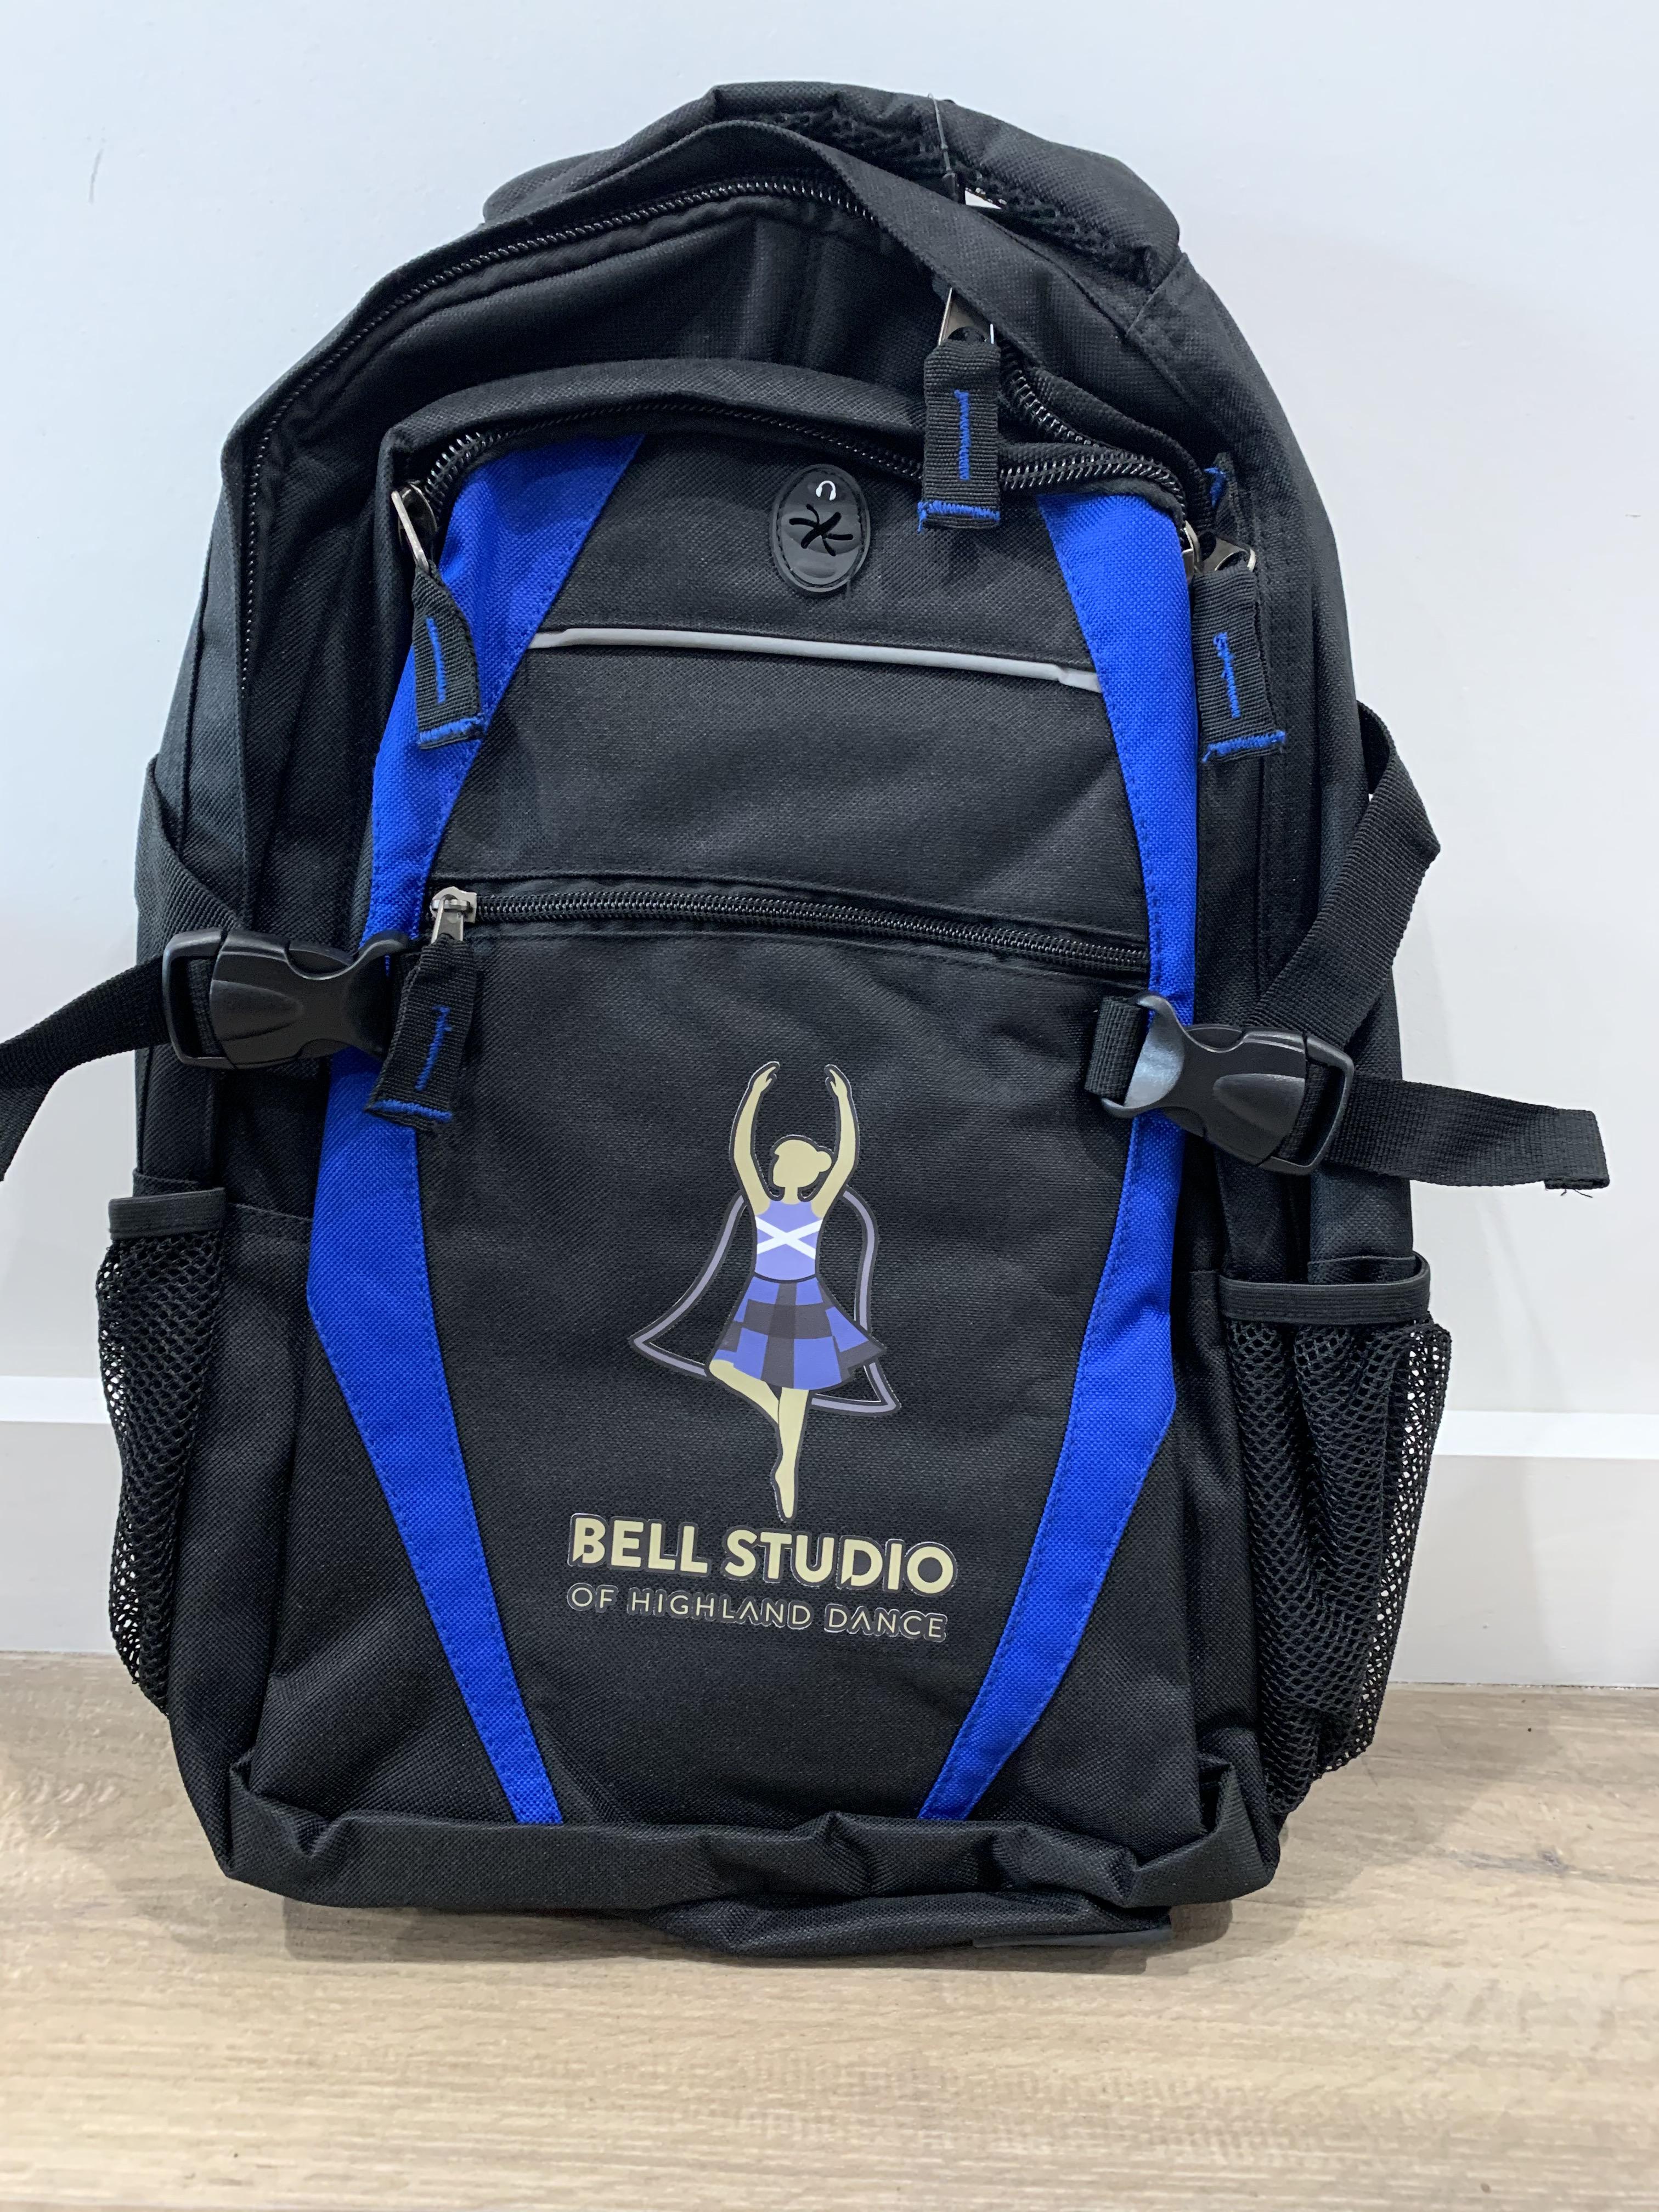 Bell Studio Backpack